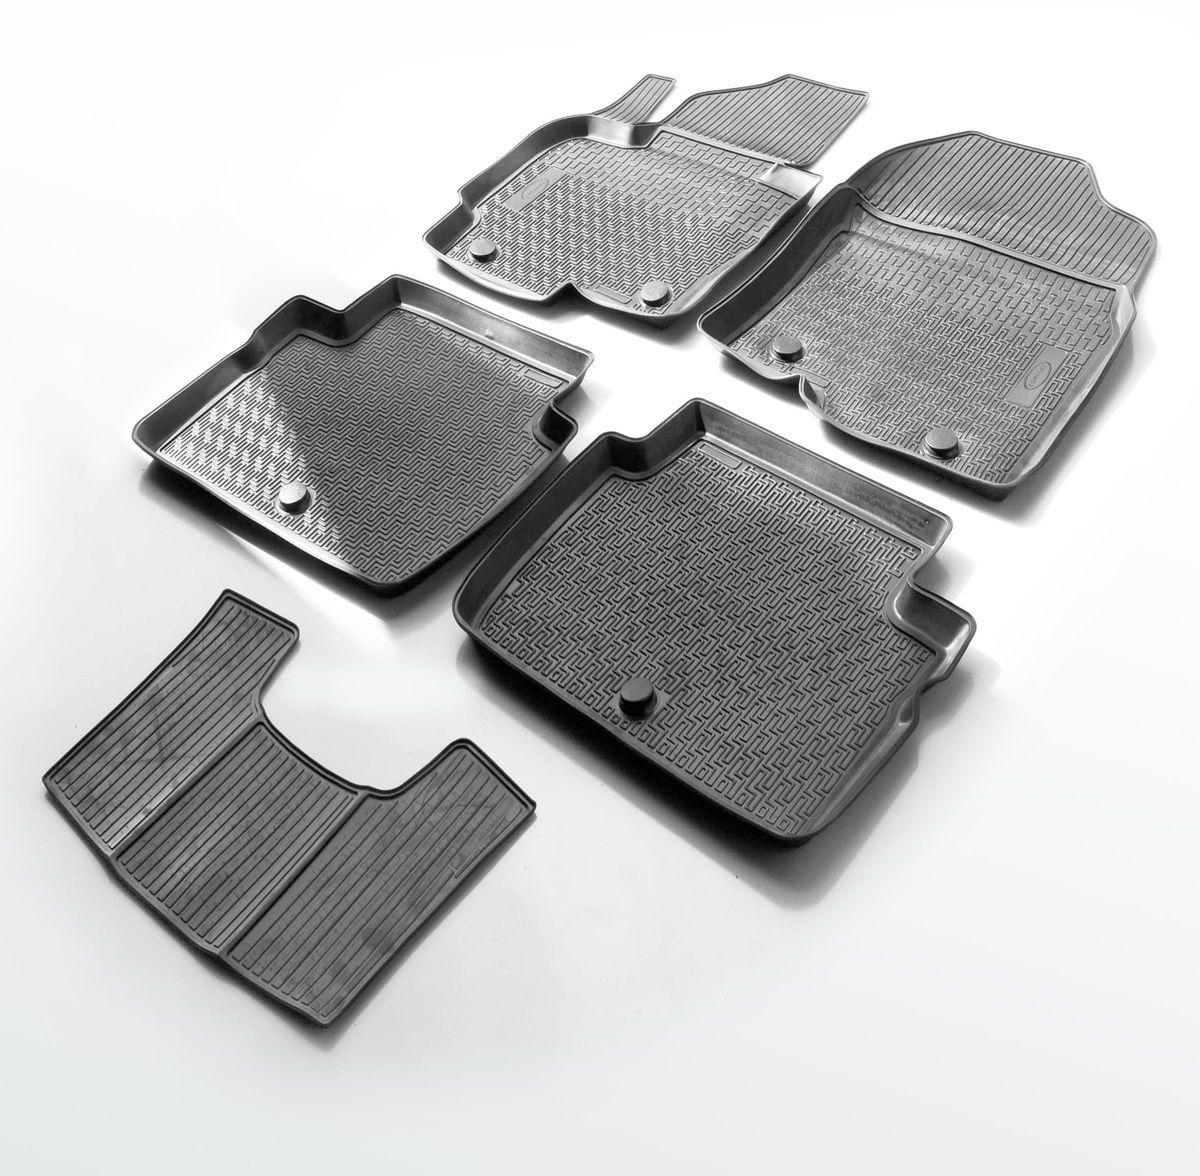 Ковры салона Rival для Hyundai Elantra 2016-, 4 шт + перемычка0012301001Автомобильные ковры салона Rival Прочные и долговечные ковры в салон автомобиля, изготовлены из высококачественного и экологичного сырья, полностью повторяют геометрию салона вашего автомобиля. - Надежная система крепления, позволяющая закрепить коврик на штатные элементы фиксации, в результате чего отсутствует эффект скольжения по салону автомобиля. - Высокая стойкость поверхности к стиранию. - Специализированный рисунок и высокий борт, препятствующие распространению грязи и жидкости по поверхности ковра. - Перемычка задних ковров в комплекте предотвращает загрязнение тоннеля карданного вала. - Произведены из первичных материалов, в результате чего отсутствует неприятный запах в салоне автомобиля. - Высокая эластичность, можно беспрепятственно эксплуатировать при температуре от -45 ?C до +45 ?C.